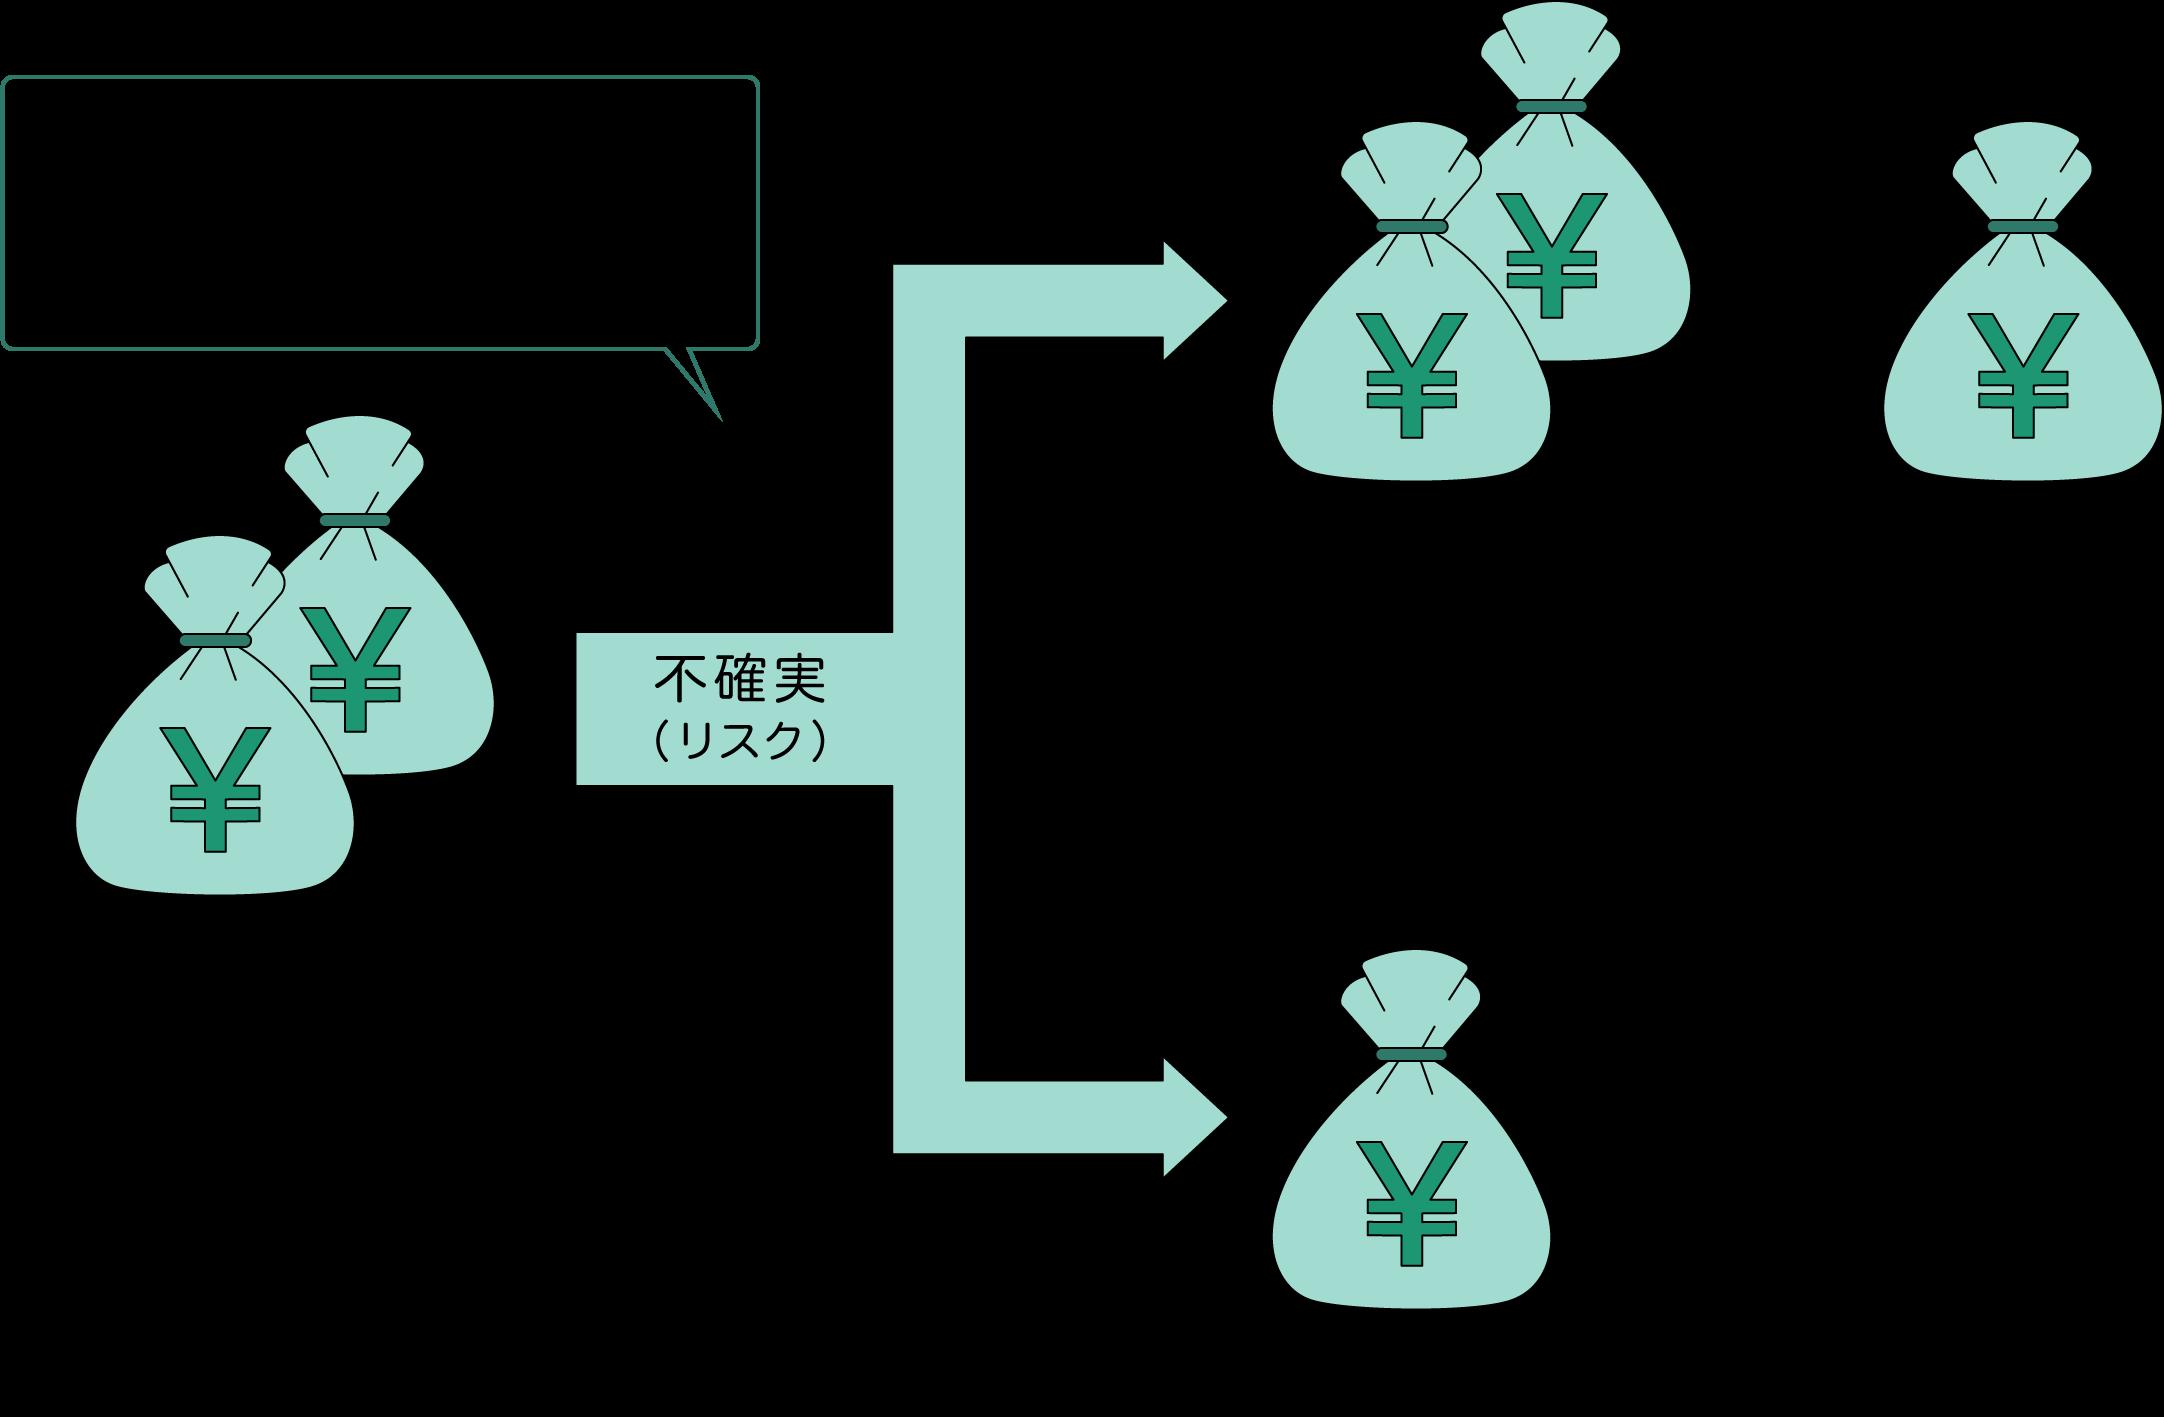 資産運用における投資では収益を大きく殖やせる可能性がある一方で損失が生じる可能性もあります(不確実リスク)